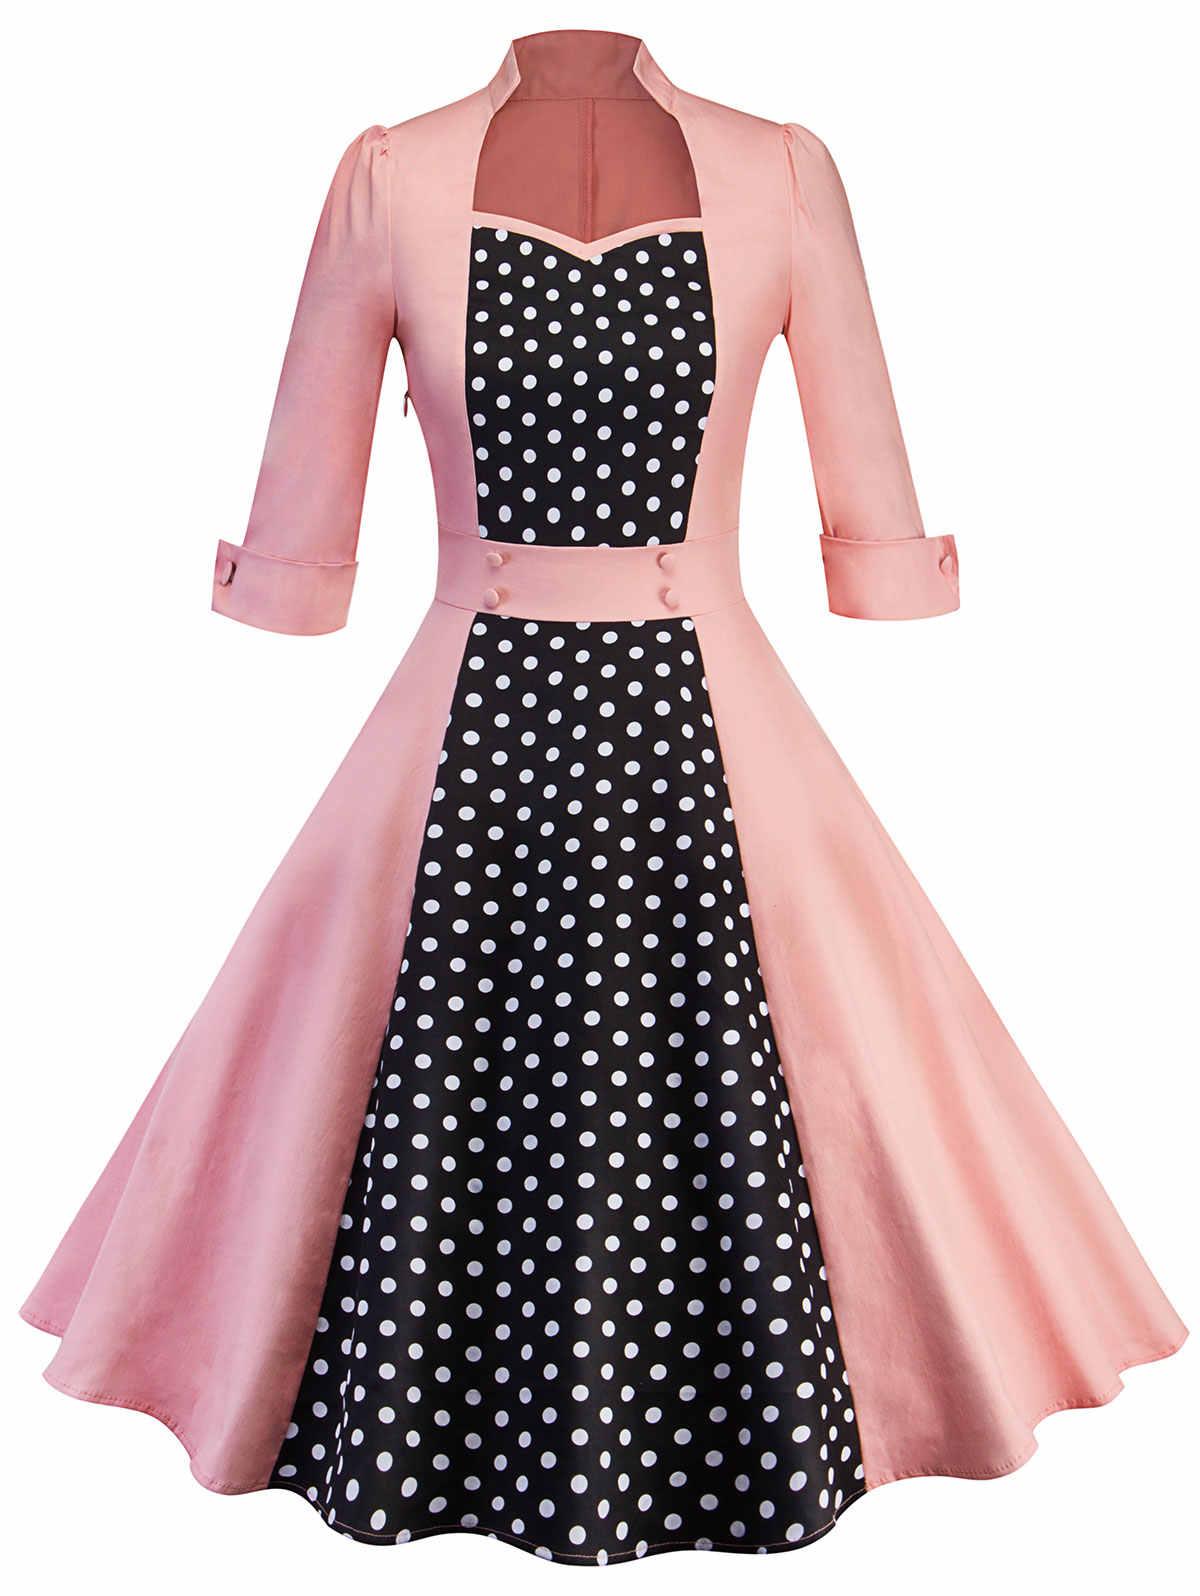 b08393dea05 Kenancy модное платье S в горошек с принтом женское винтажное платье 1960 S  Одри Хепберн ретро